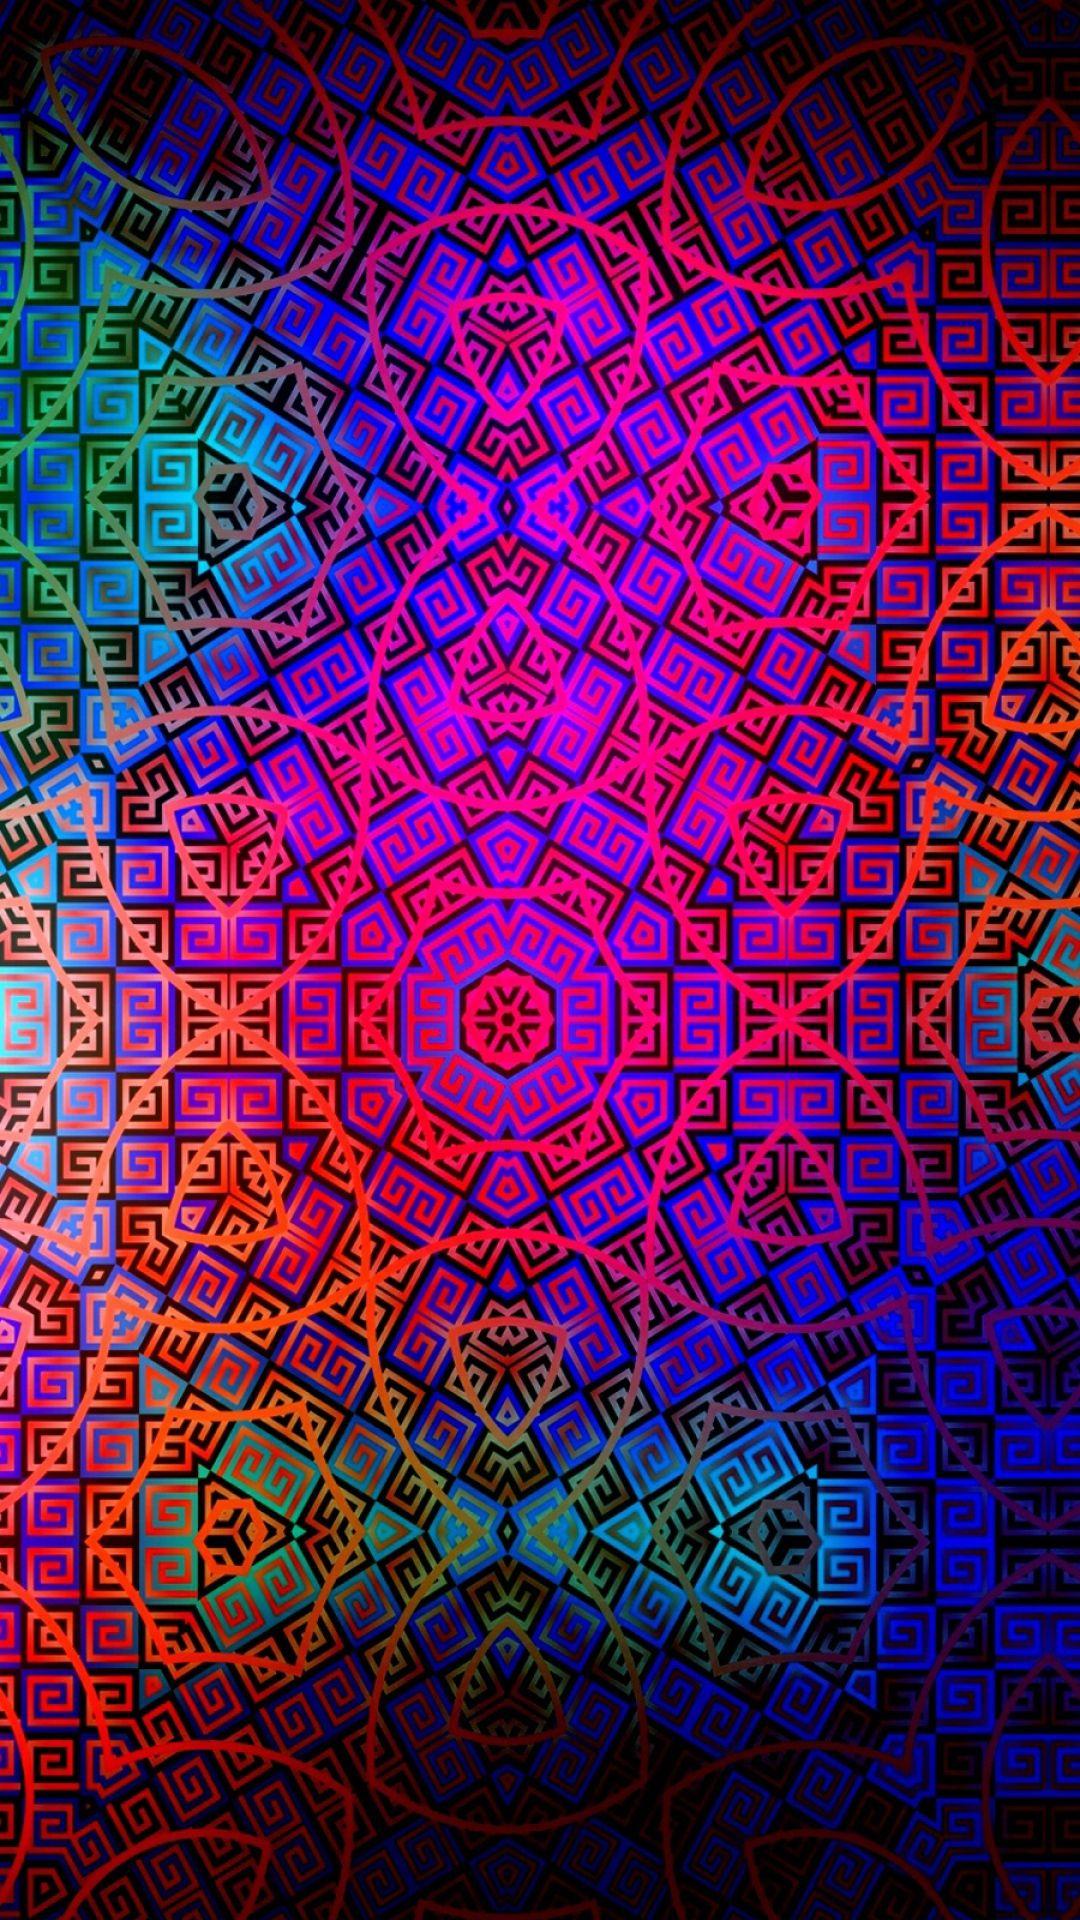 galaxy background patterns - photo #32